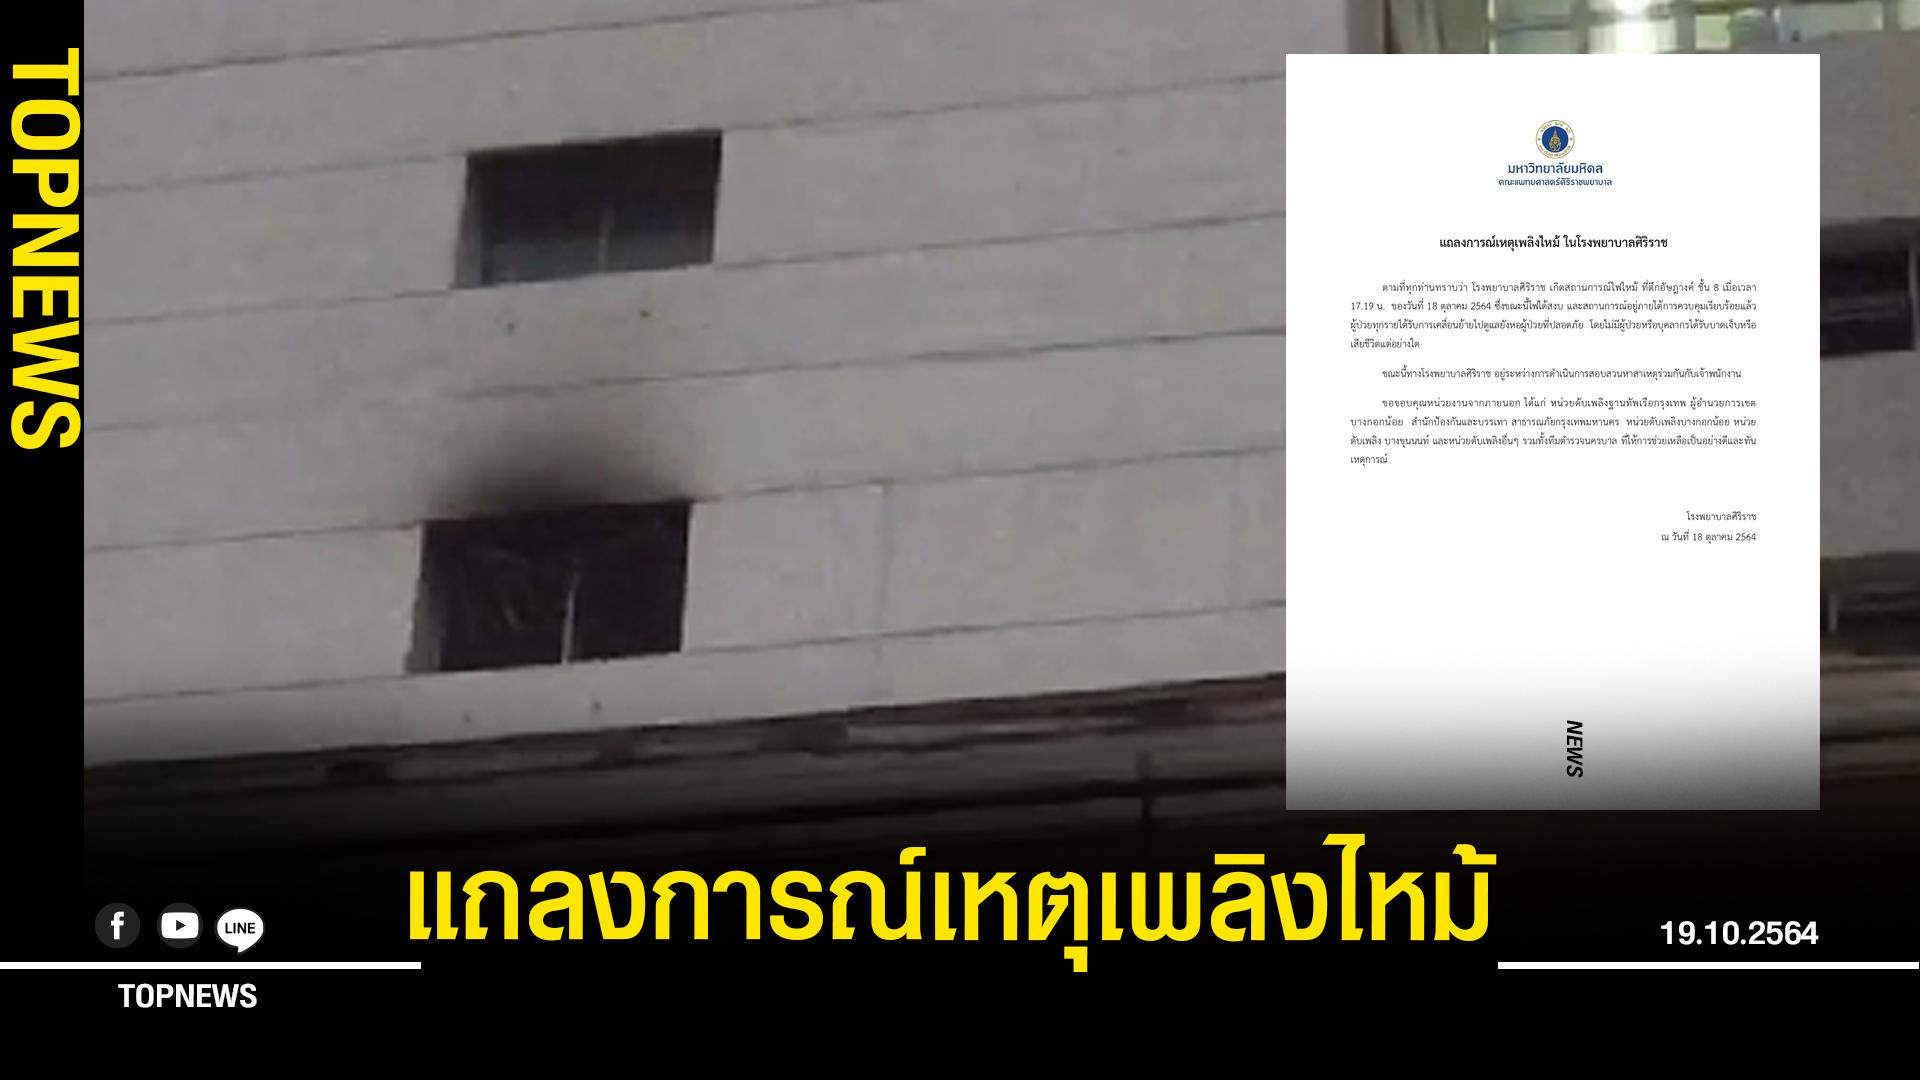 ศิริราช แถลงการณ์เหตุเพลิงไหม้ ในโรงพยาบาล